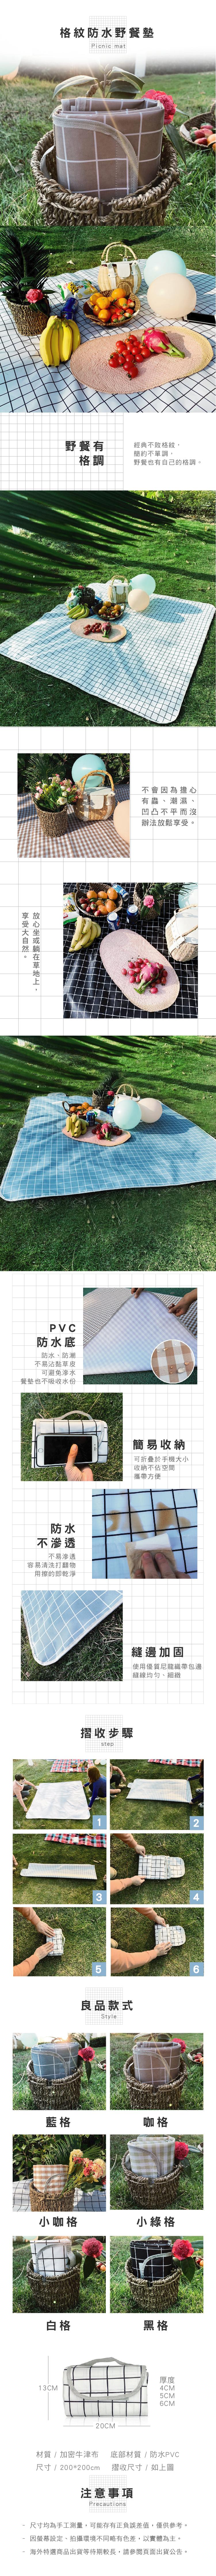 格紋防水野餐墊